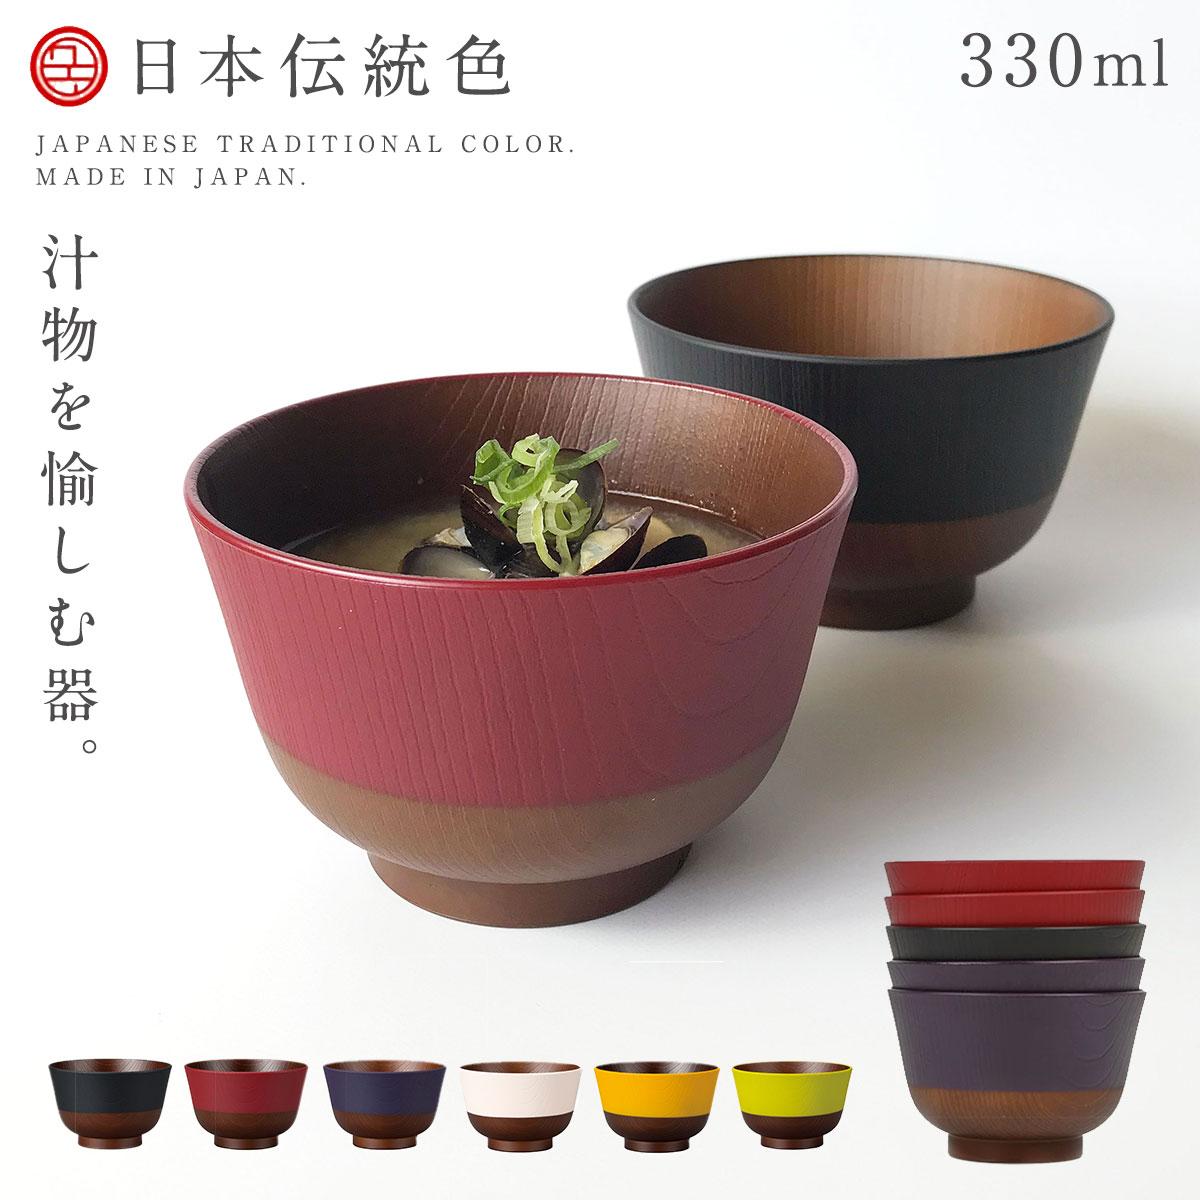 日本伝統色 羽反 塗分汁椀